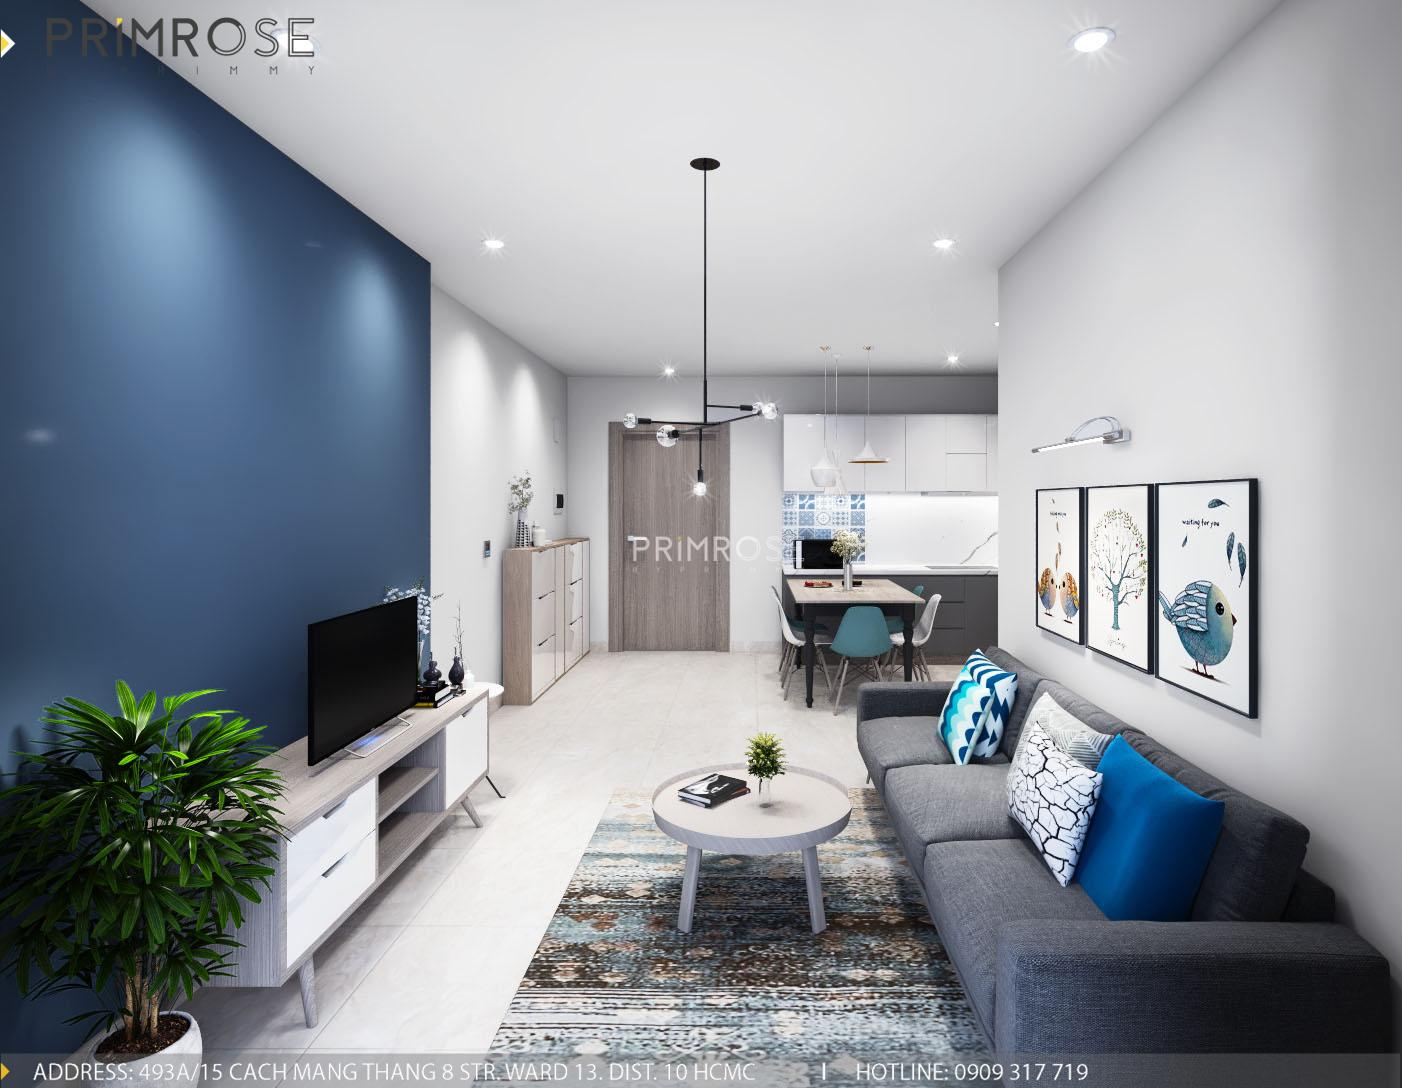 Thiết kế nội thất căn hộ Sunrise Rriverside, Phước Kiểng, Nhà Bè